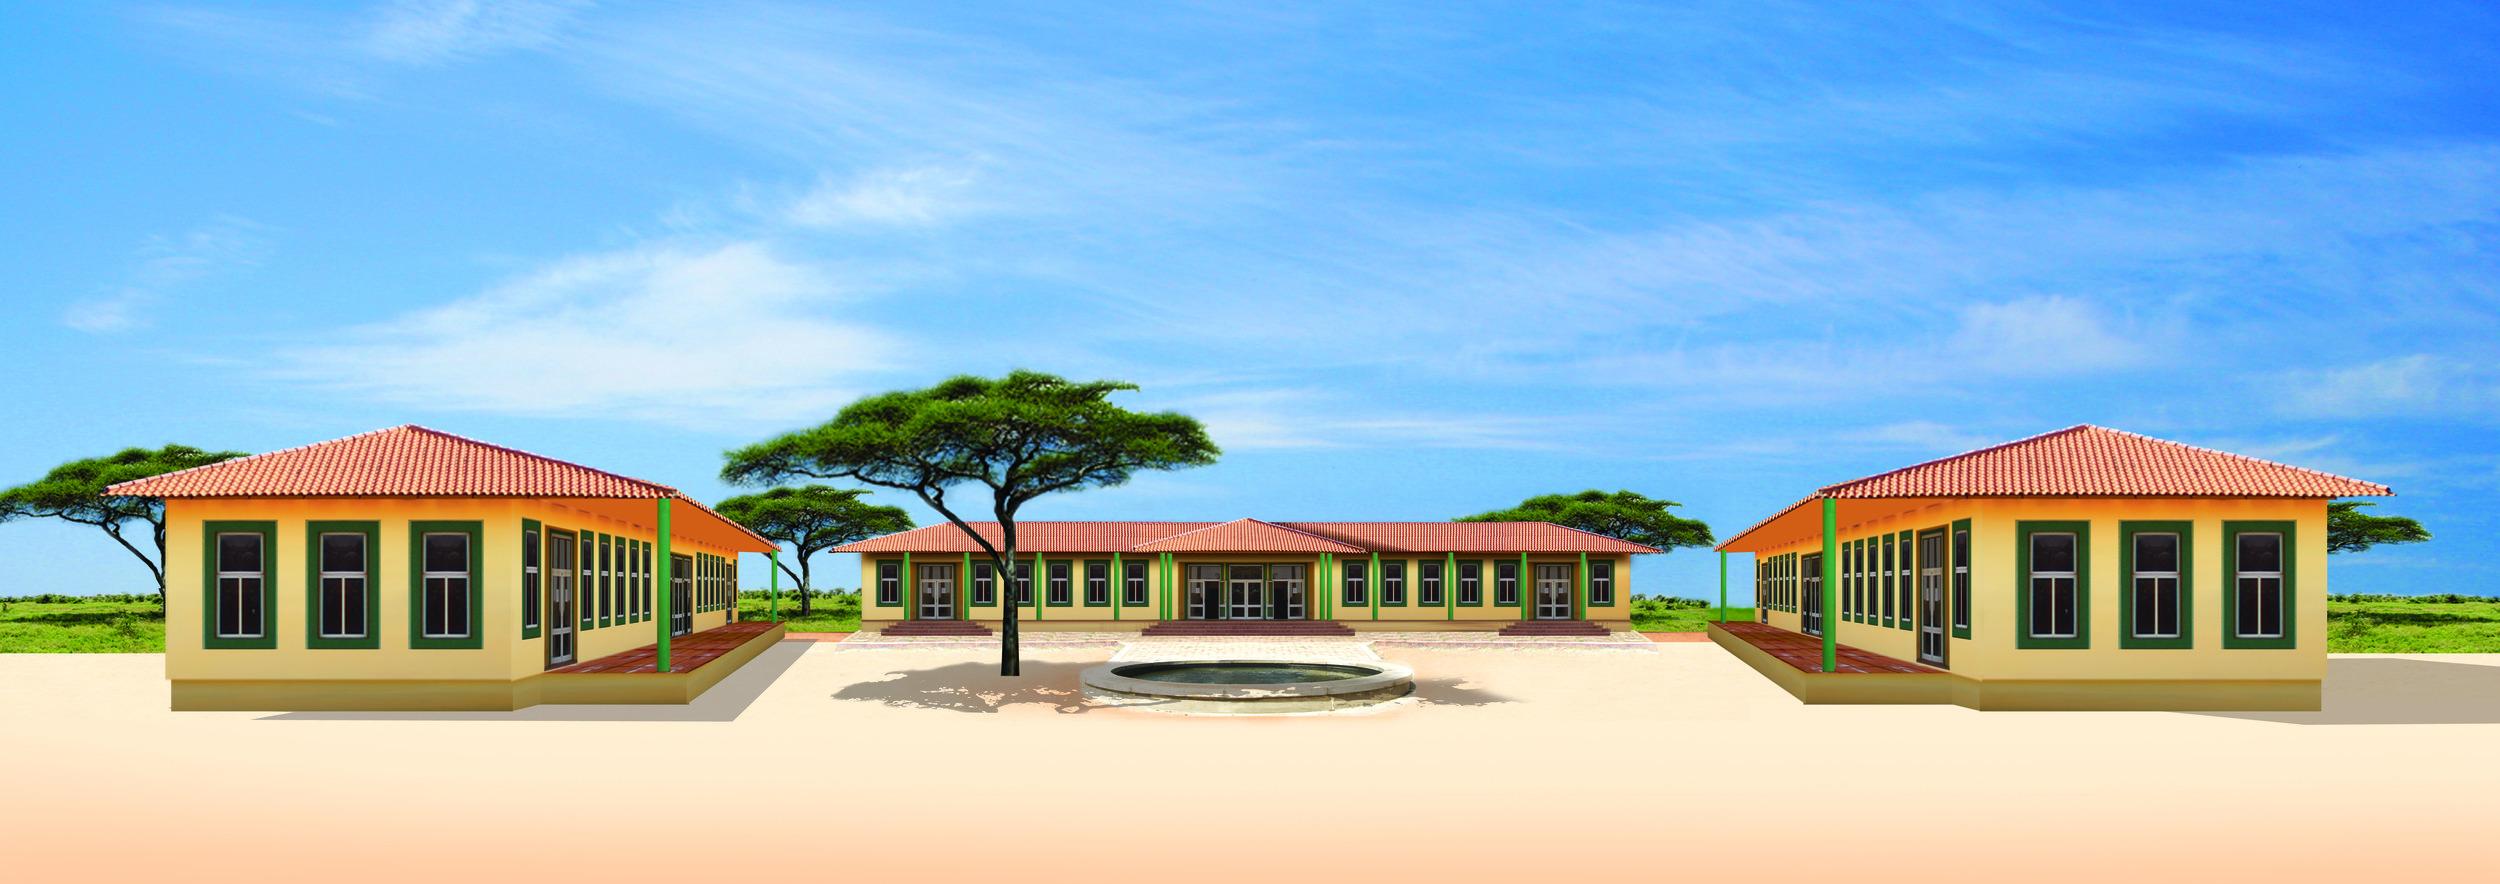 WAVS School Bissau Campus